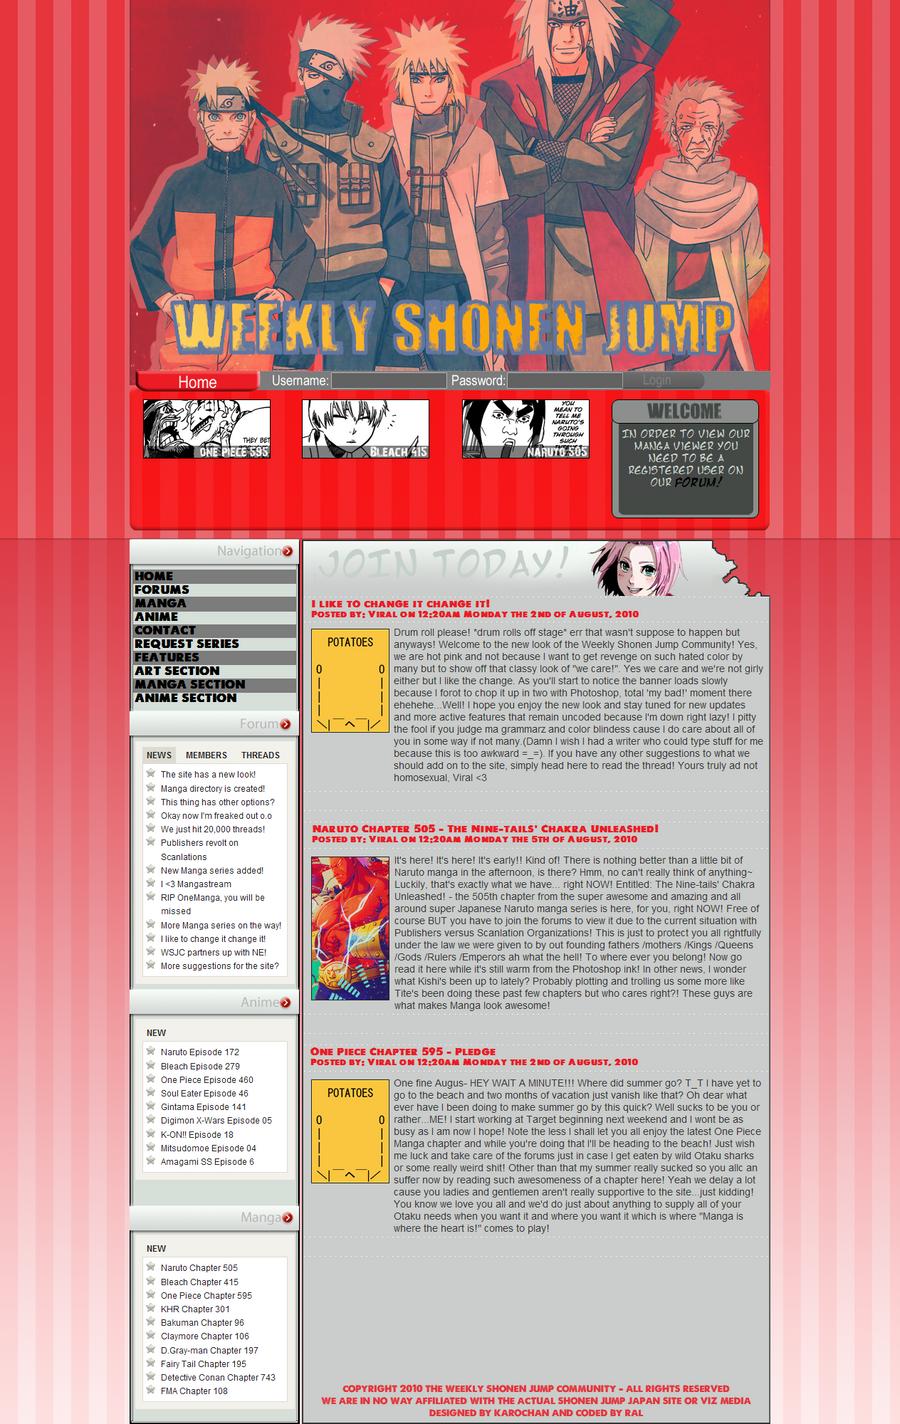 The Weekly SJ Community Design by XxRalxX